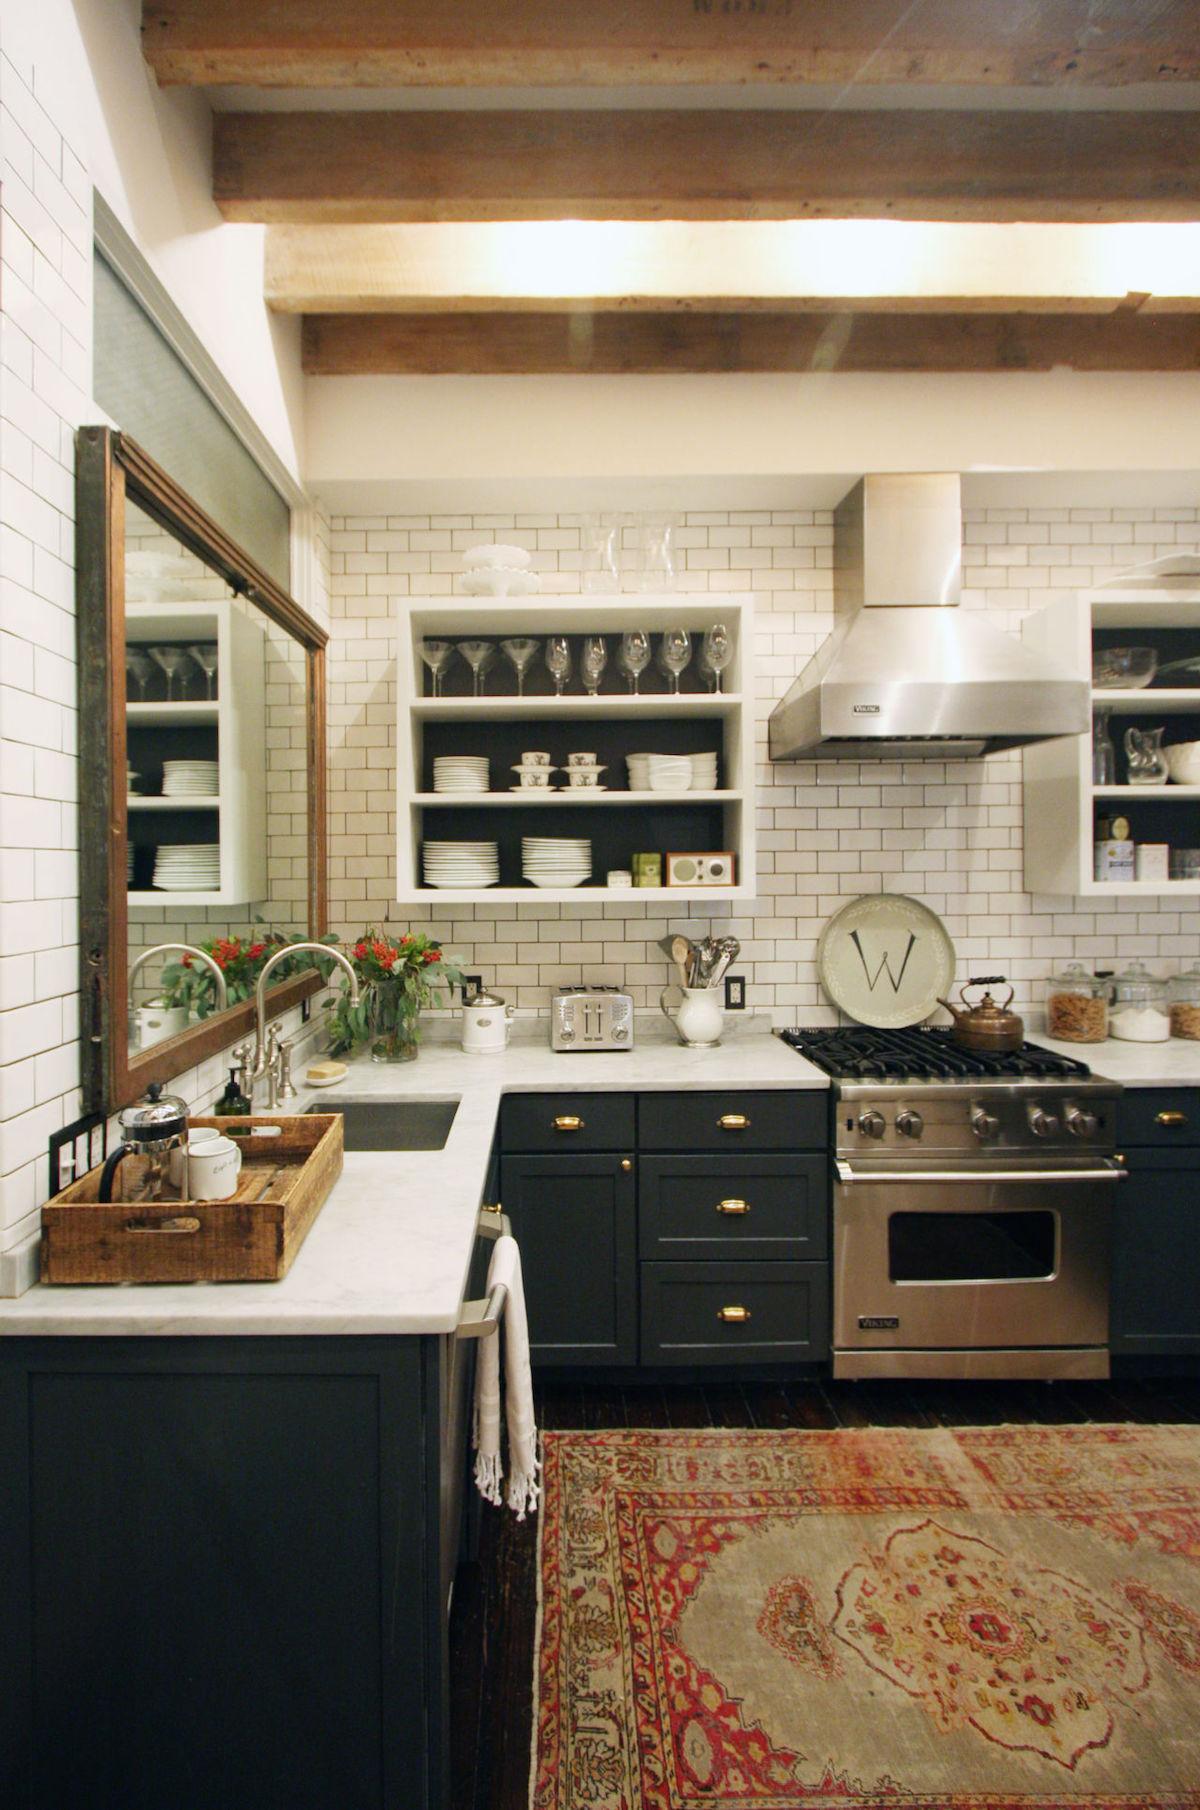 Tribeca Citizen Jenny Wolf Loft Kitchen By Patrick Cline